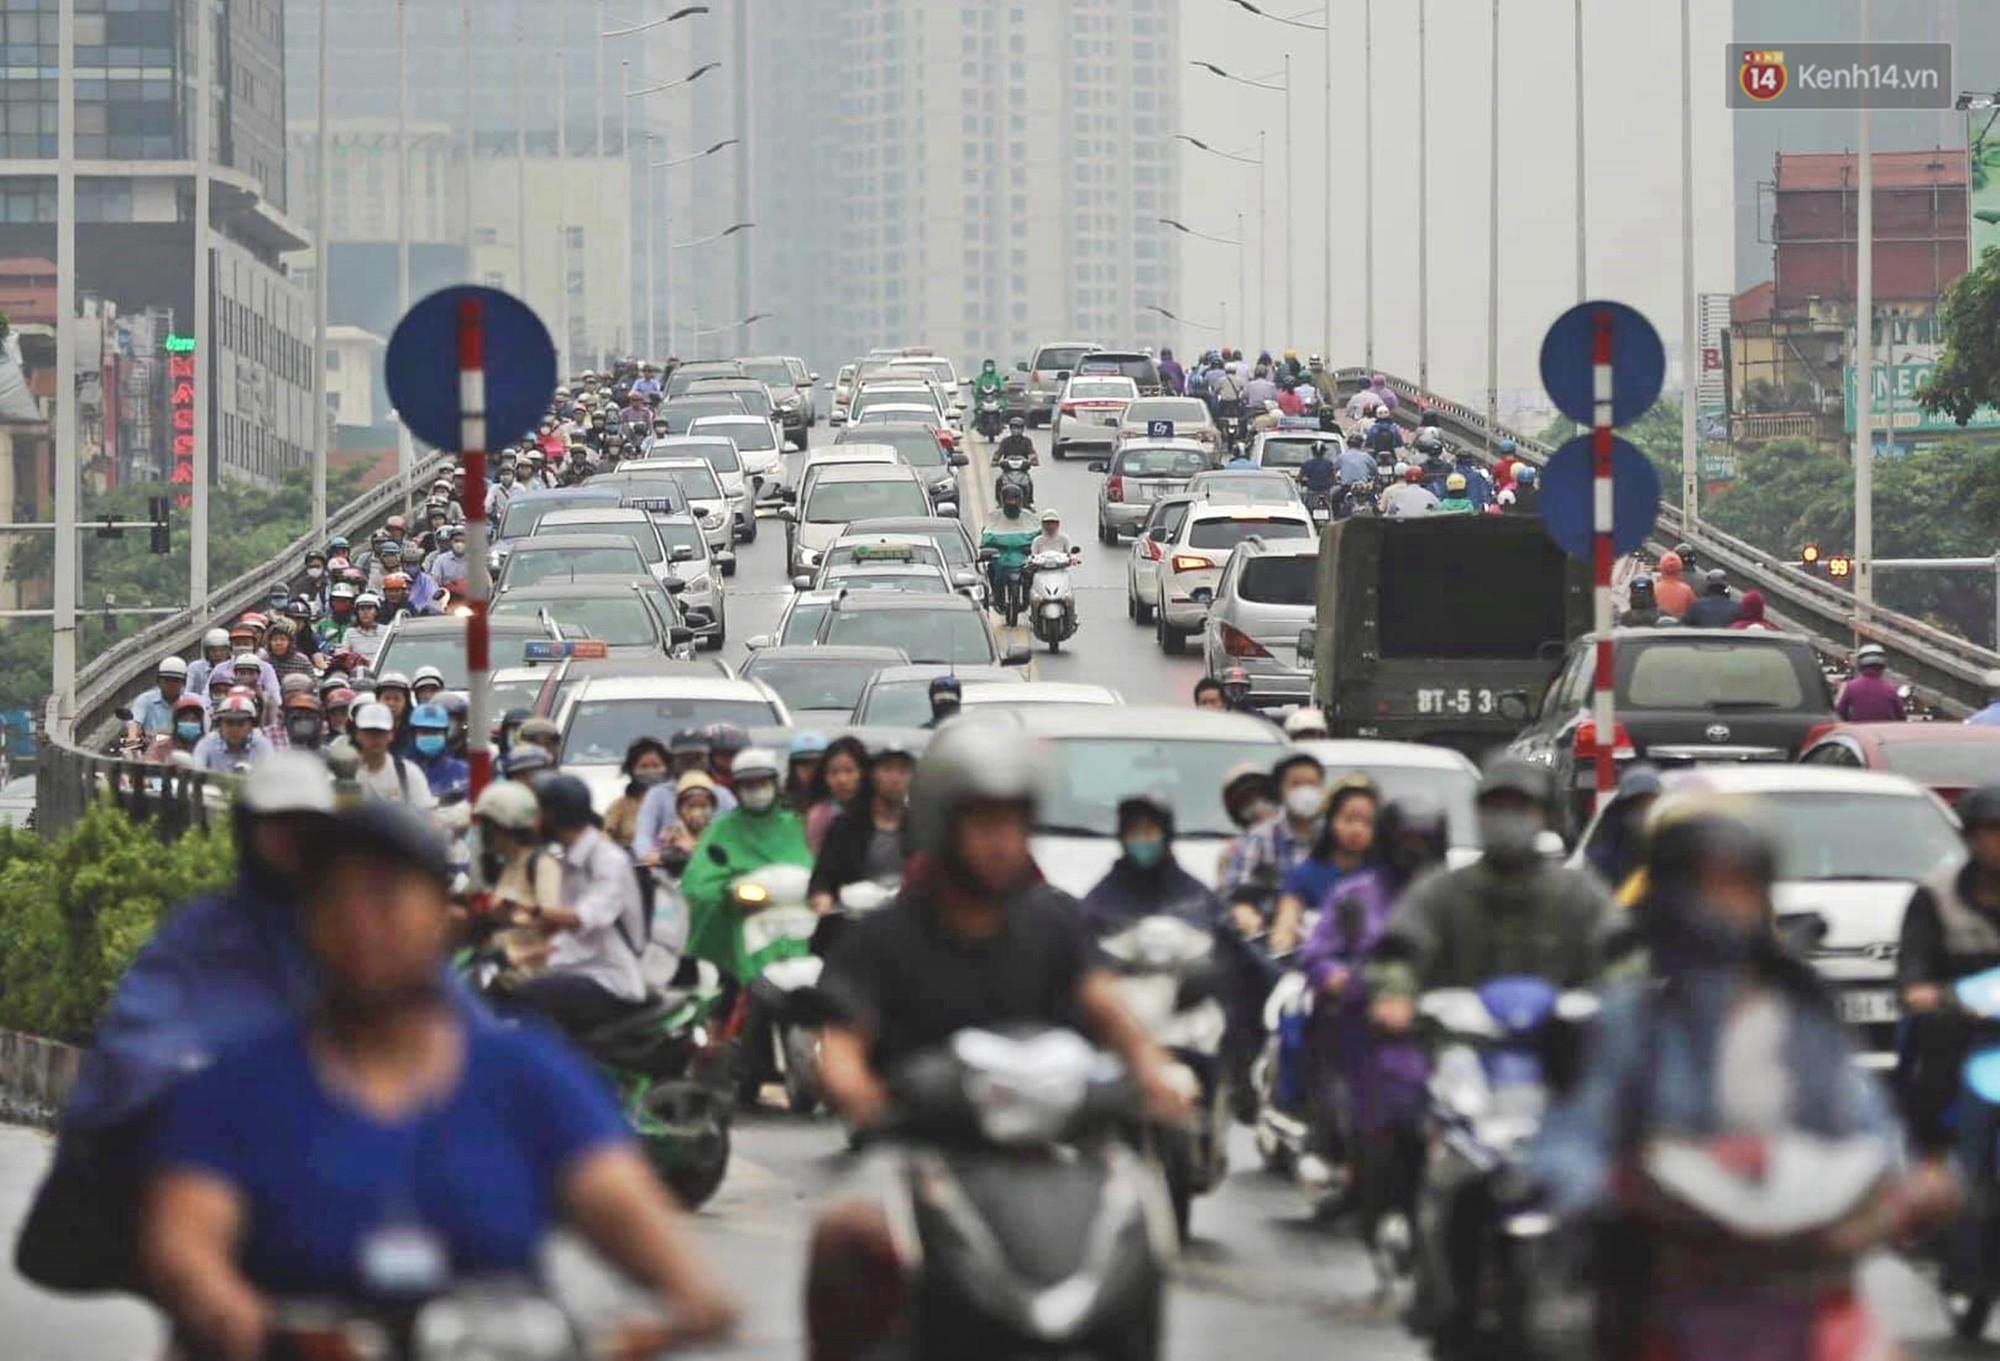 Ảnh: Đường phố Hà Nội tắc nghẽn kinh hoàng trong ngày làm việc đầu tiên sau kỳ nghỉ lễ 30/4 - 1/5 - Ảnh 4.